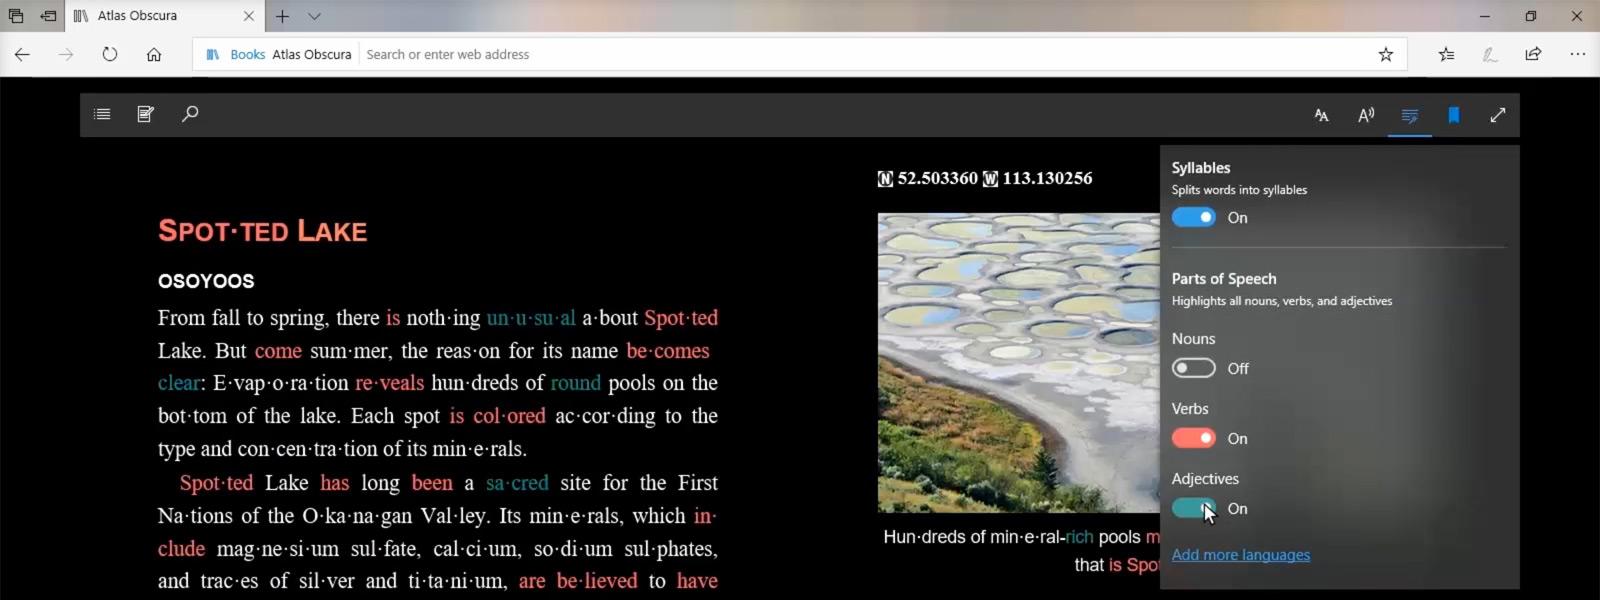 Skærmbillede af funktionen Læringsværktøjer, der fremhæver navneord, udsagnsord og tillægsord på en given webside